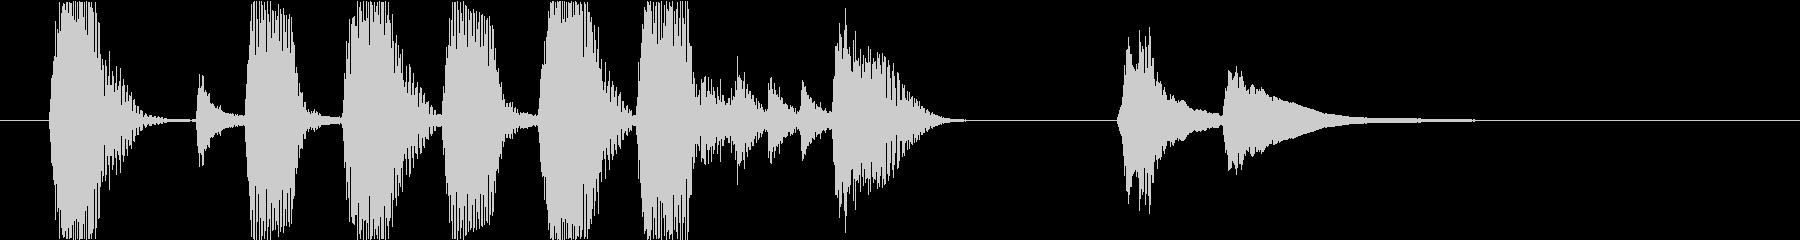 ジングル・かわいい・ピチカート・ほのぼのの未再生の波形